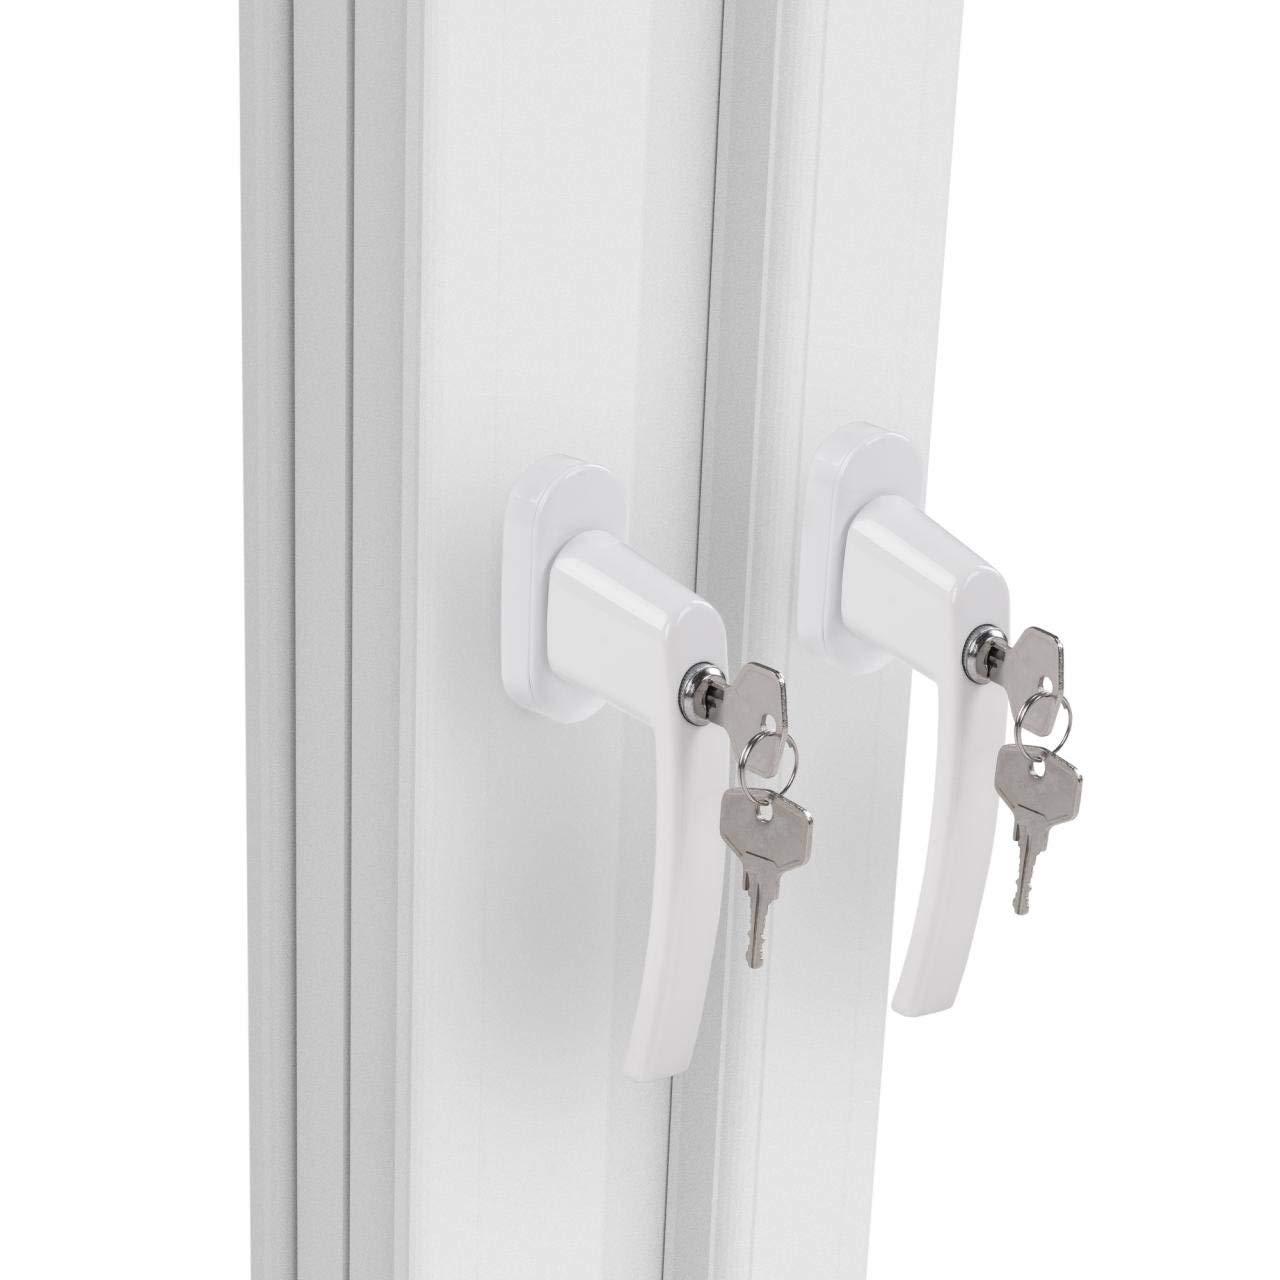 6 St/ück Abschlie/ßbare Fenstergriffe Sicherheitsfenstergriff Kindersicherung Einbruchschutz Weiss